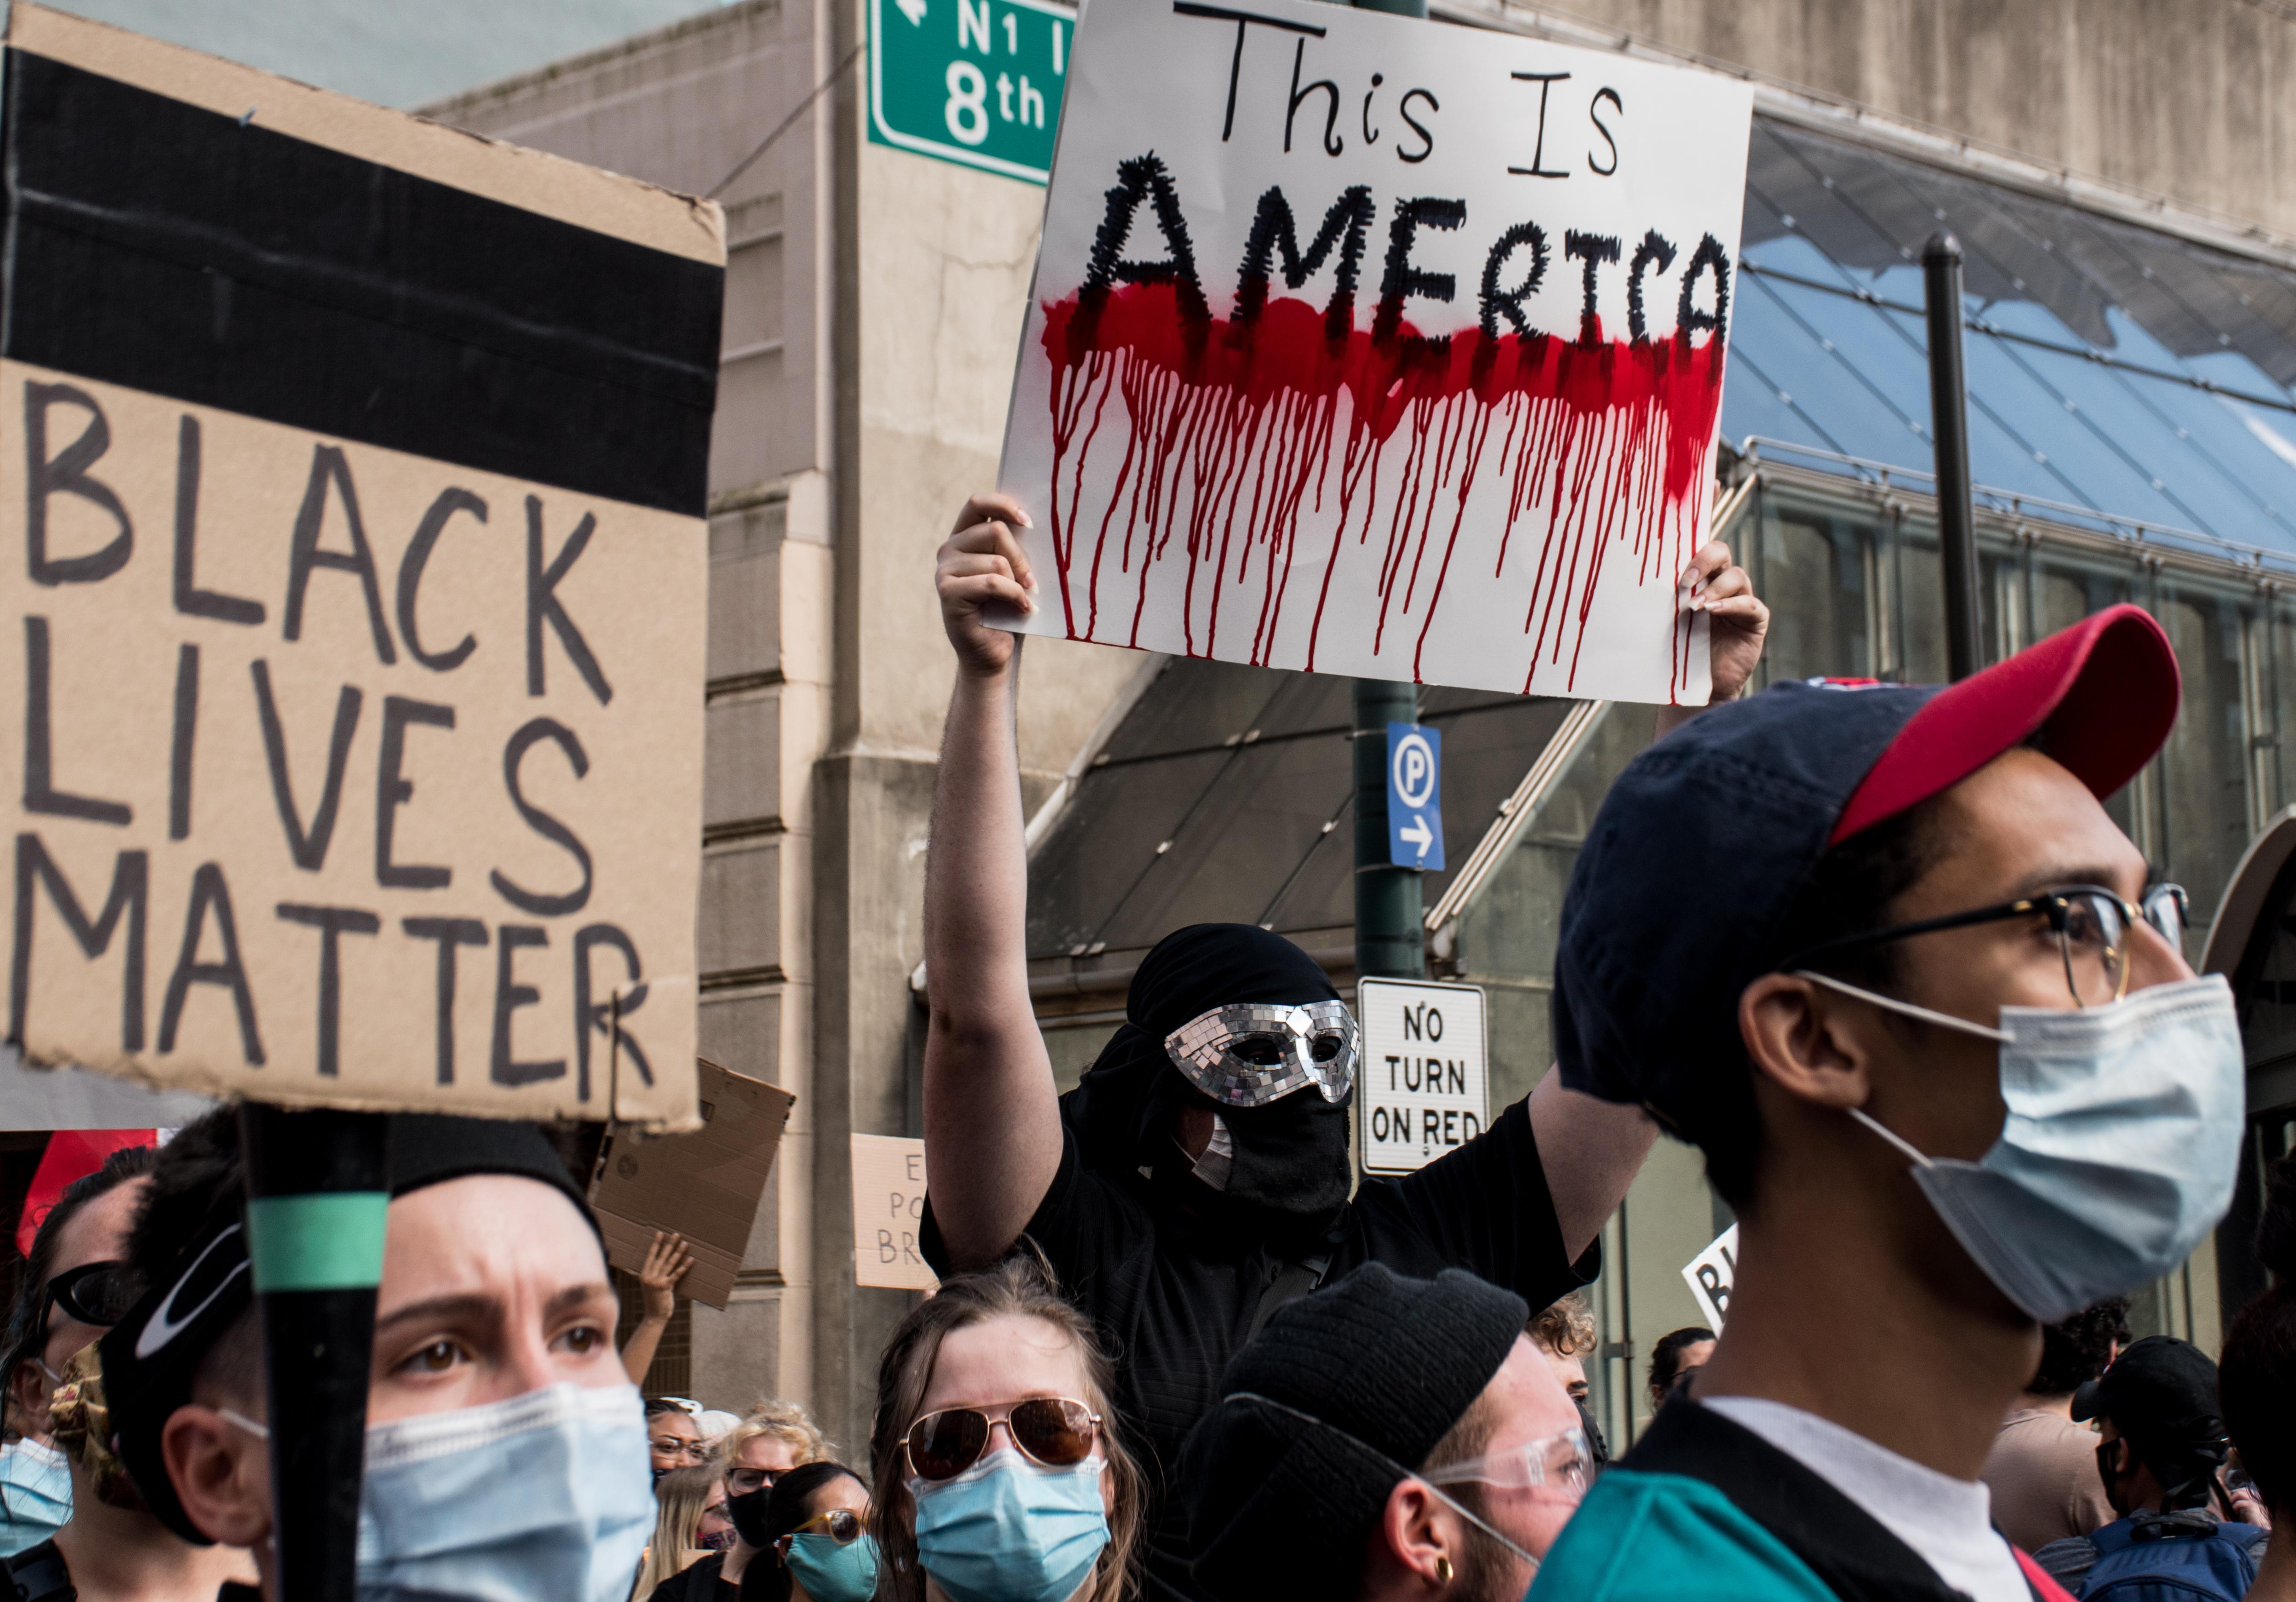 Soulèvement aux États-Unis: de l'antiracisme au socialisme? | Nicolas Martin-Breteau